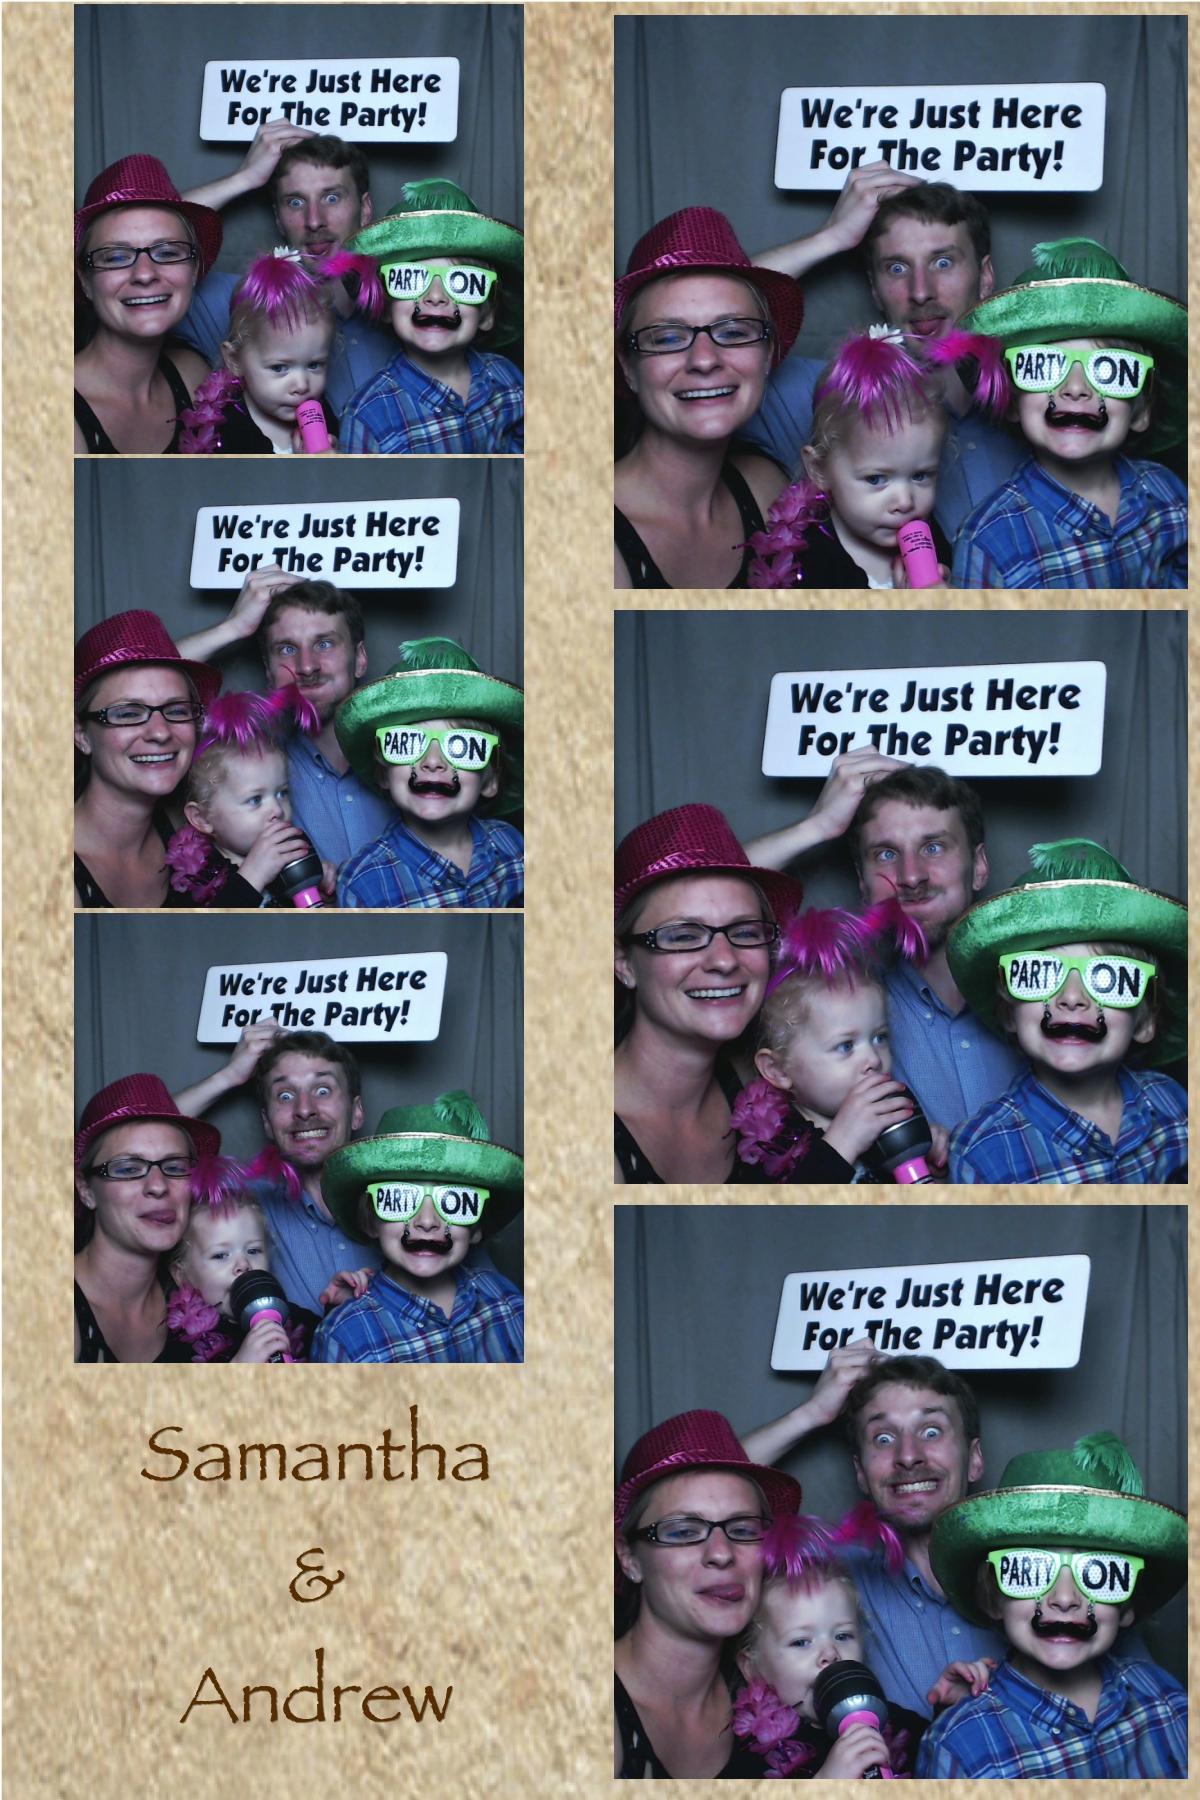 Samantha and Andrew May 10 2014